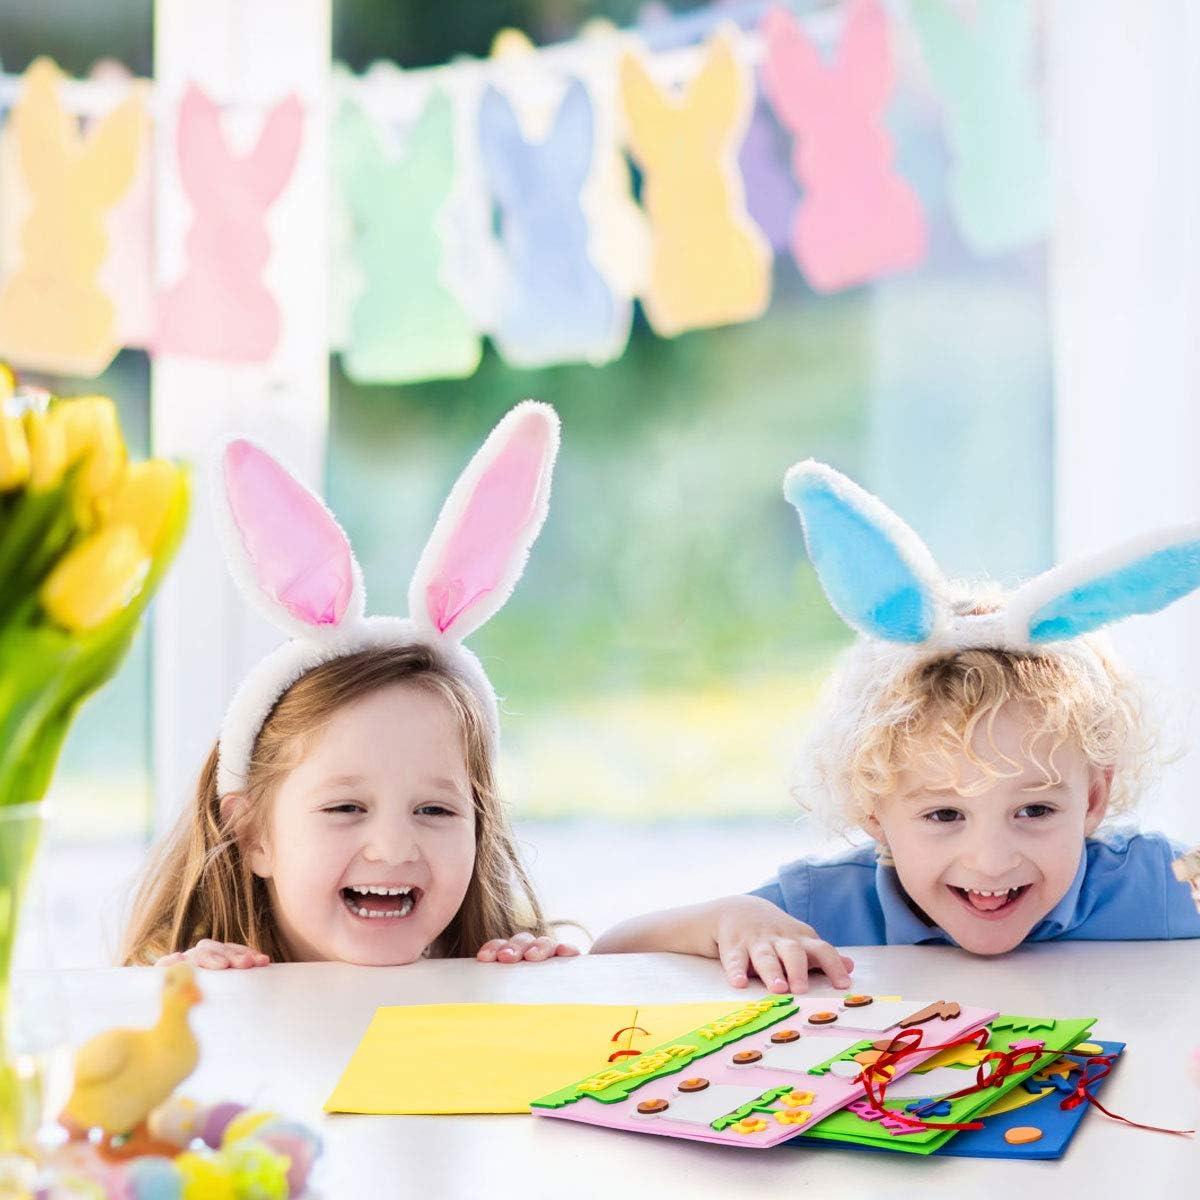 Uovo EVA Biglietti di Fai da Te Biglietti di Buona Pasqua Biglietti per Bambini 14 X 20CM Kesote Set di 4 Biglietti Pasquali di Coniglio